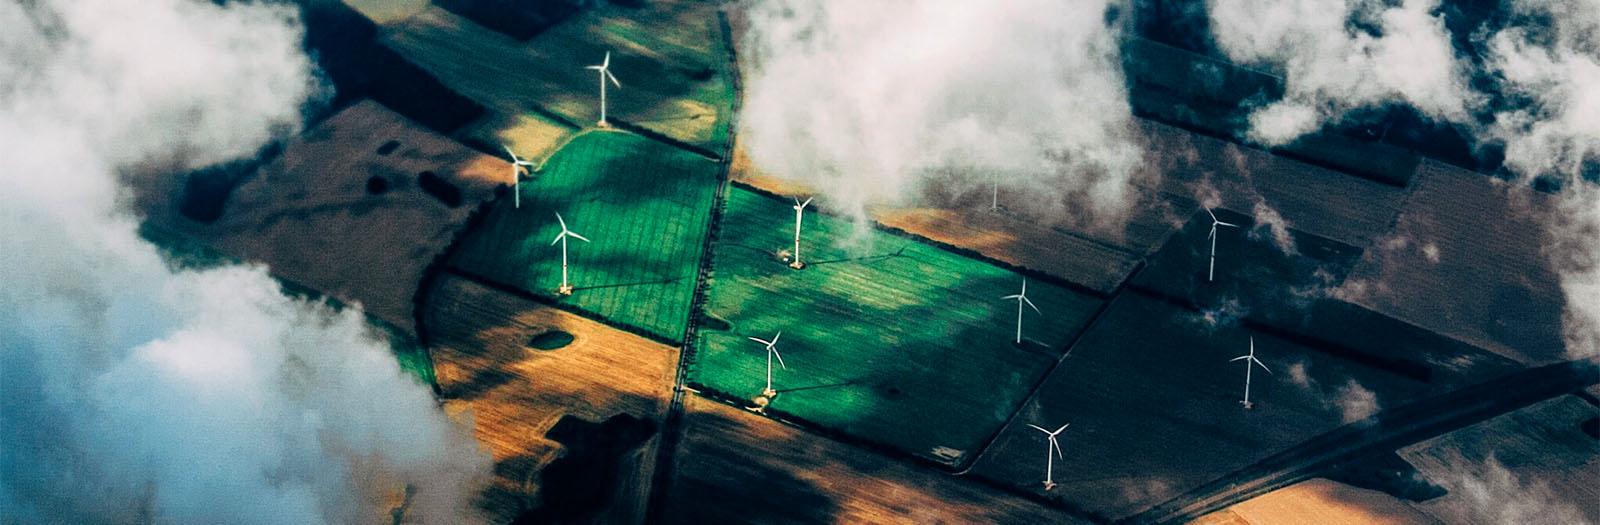 aerial shot of a wind farm